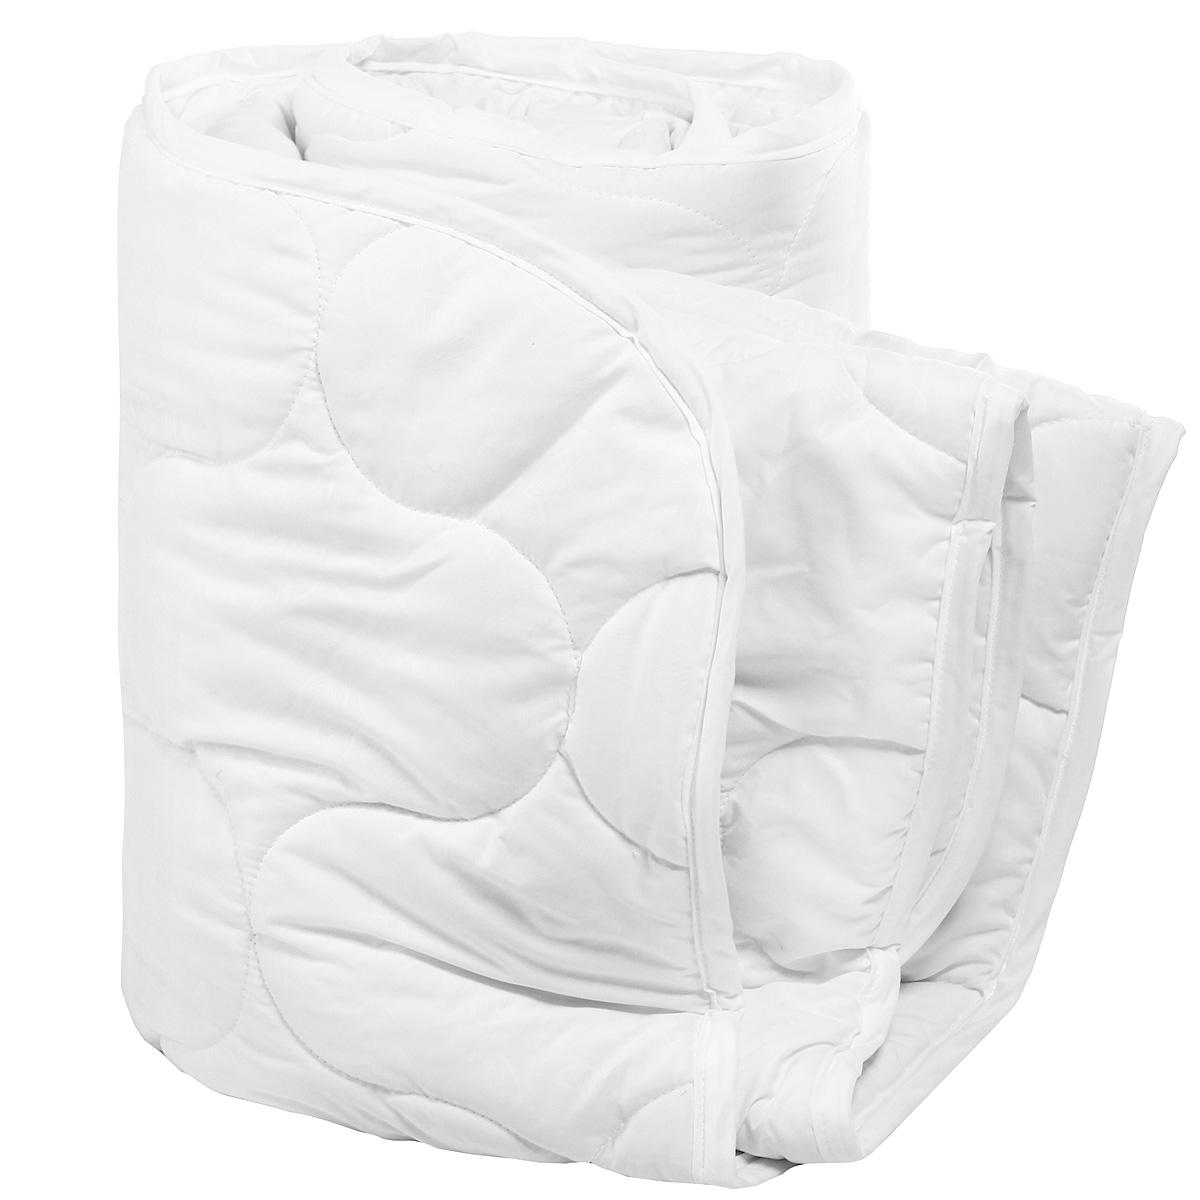 Одеяло Verossa Green Line, наполнитель: бамбуковое волокно, 200 х 220 см165991При изготовлении одеяла Verossa Green Line применяется ткань нового поколения из микрофиламентных нитей Ultratex. Одеяло не требует специального ухода, быстро сохнет после стирки и практически не мнется. Наполнитель из натуральных бамбуковых волокон. Пористая структура бамбукового волокна обеспечивает отличные условия для циркуляции воздуха и впитывания влаги. Преимущества одеяла Verossa Green Line: идеальный комфортный сон; антибактериальная защита; оптимальная терморегуляция. Характеристики: Материал чехла: 100% полиэстер (Ultratex). Наполнитель: 50 % бамбуковое волокно, 50% полиэстер. Цвет: белый. Масса наполнителя: 300 г/м2. Размер одеяла: 200 см х 220 см. Размер упаковки: 58 см х 25 см х 43 см. Артикул: 165991.